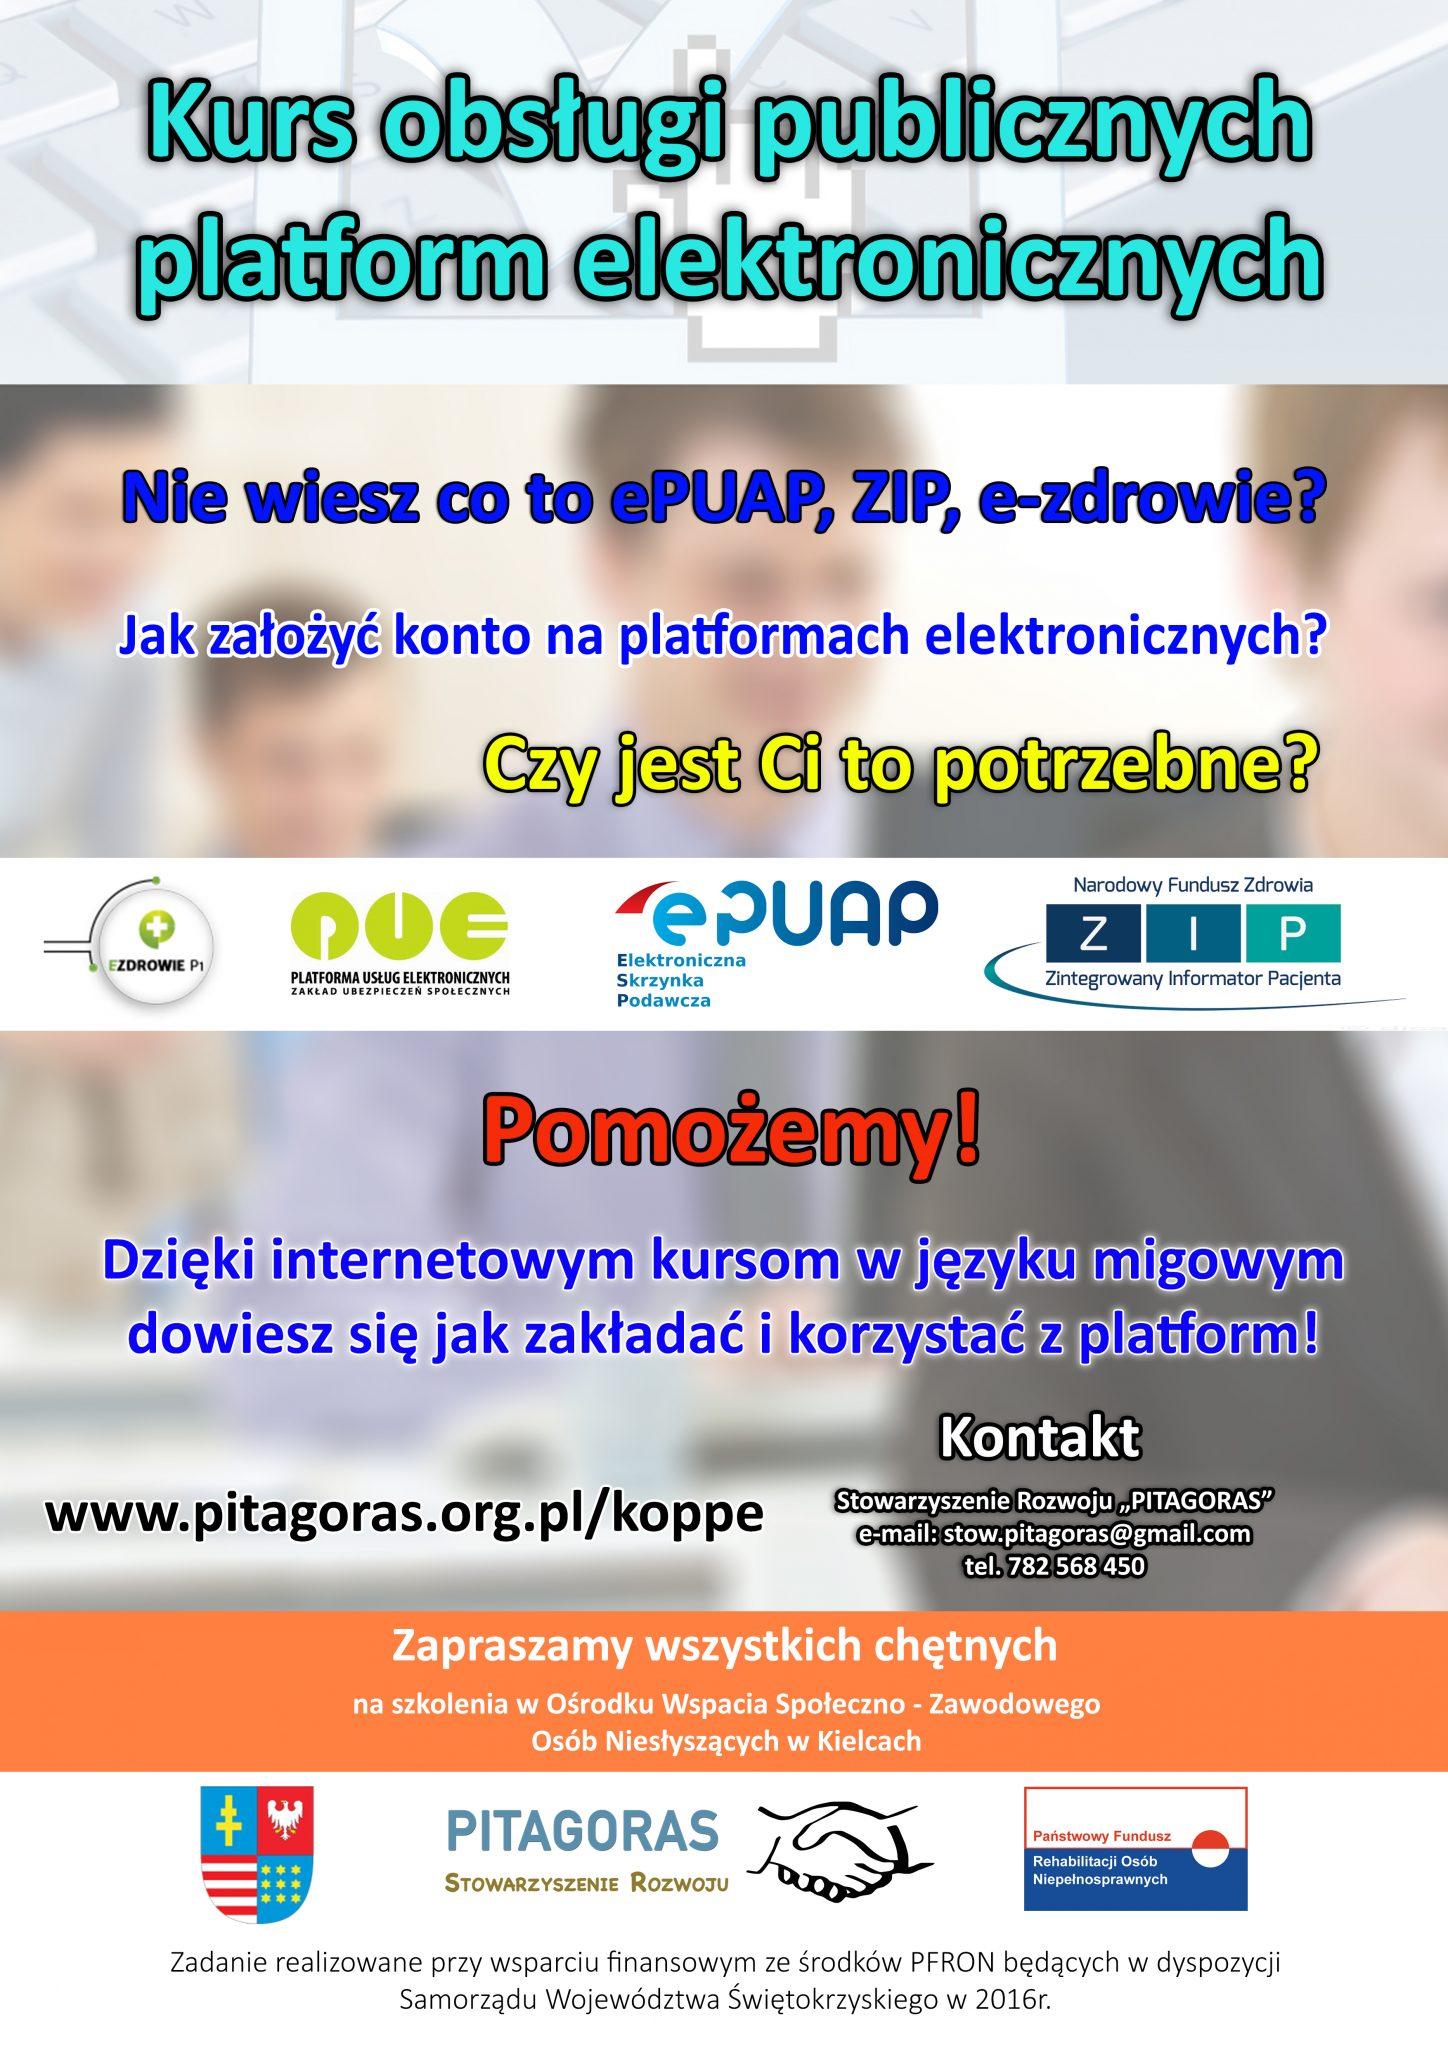 Kurs obsługi publicznych platform elektronicznych